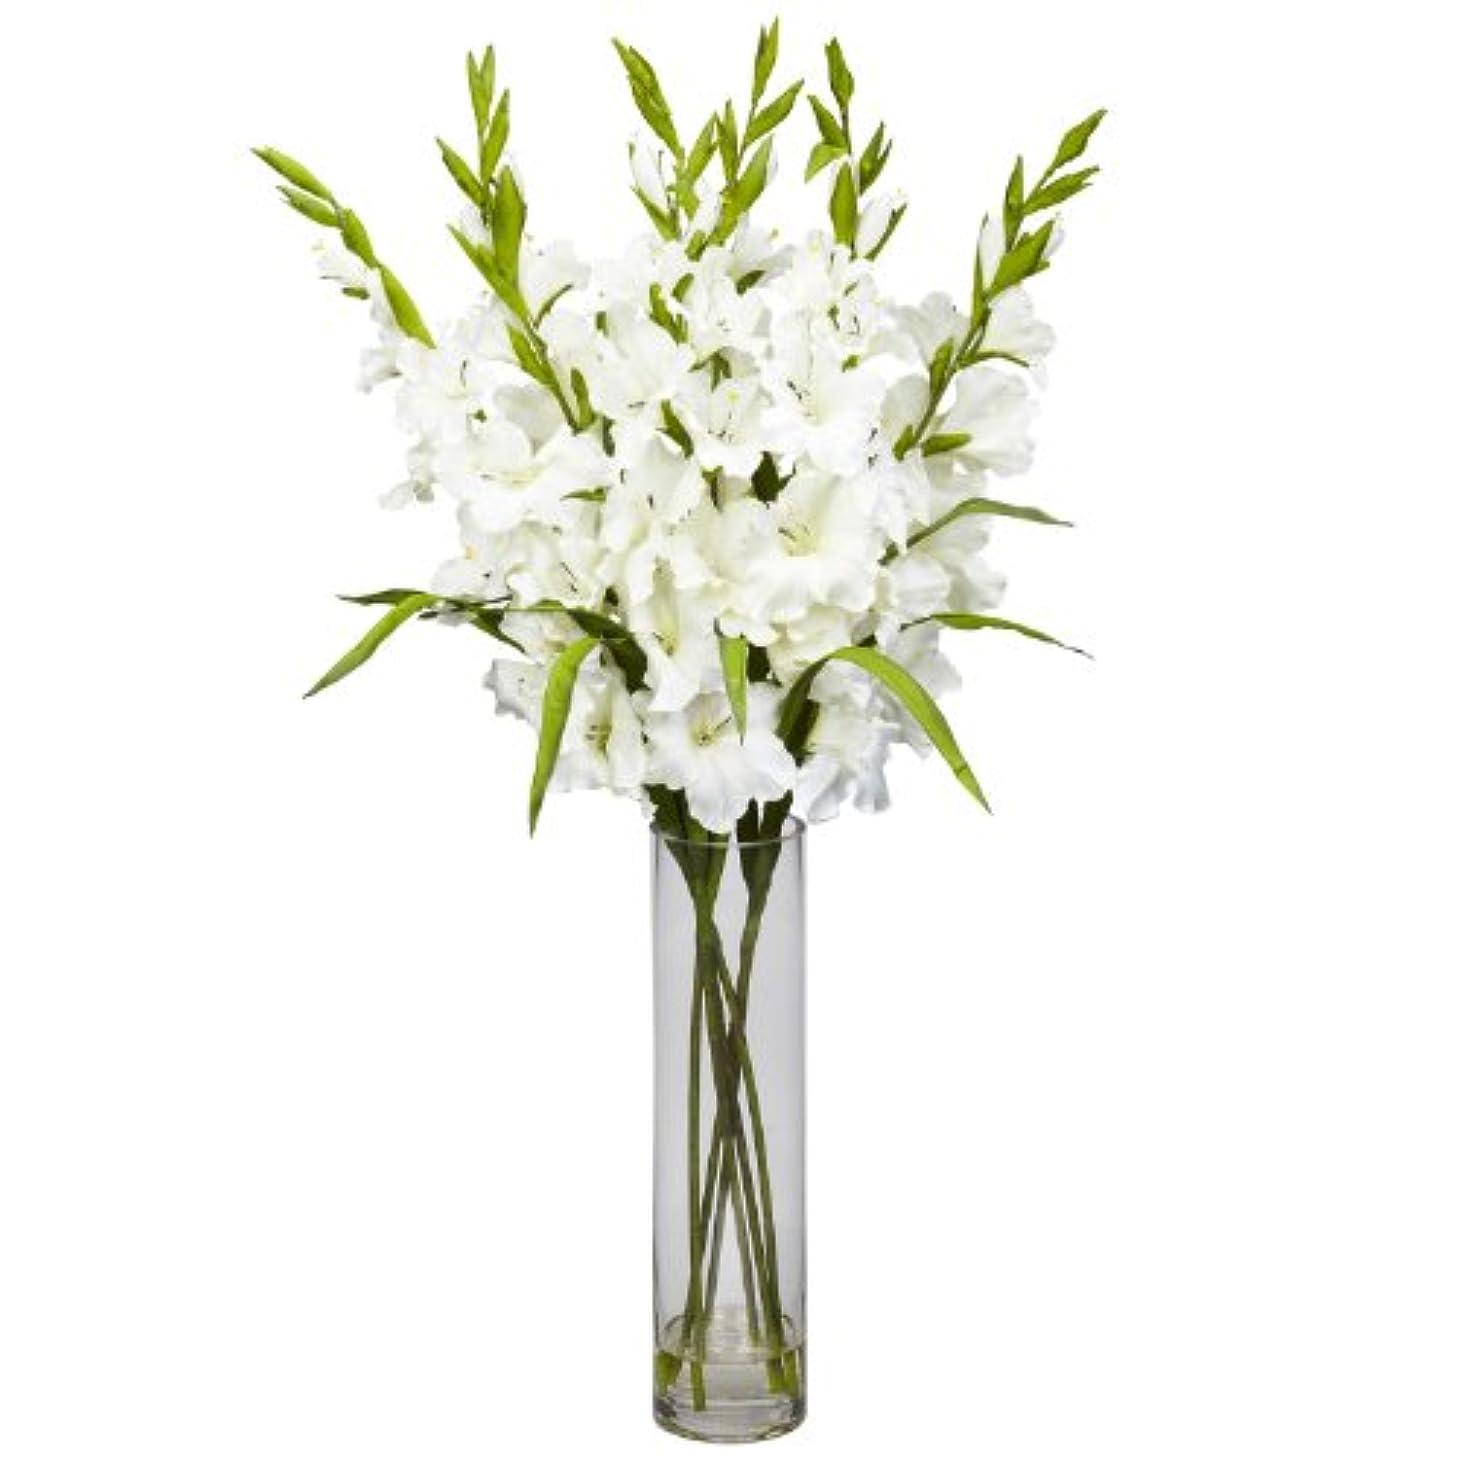 最大化する杖一貫性のない卸売大きなGladiola W /円柱花瓶シルクArrangement、[装飾、シルク花]